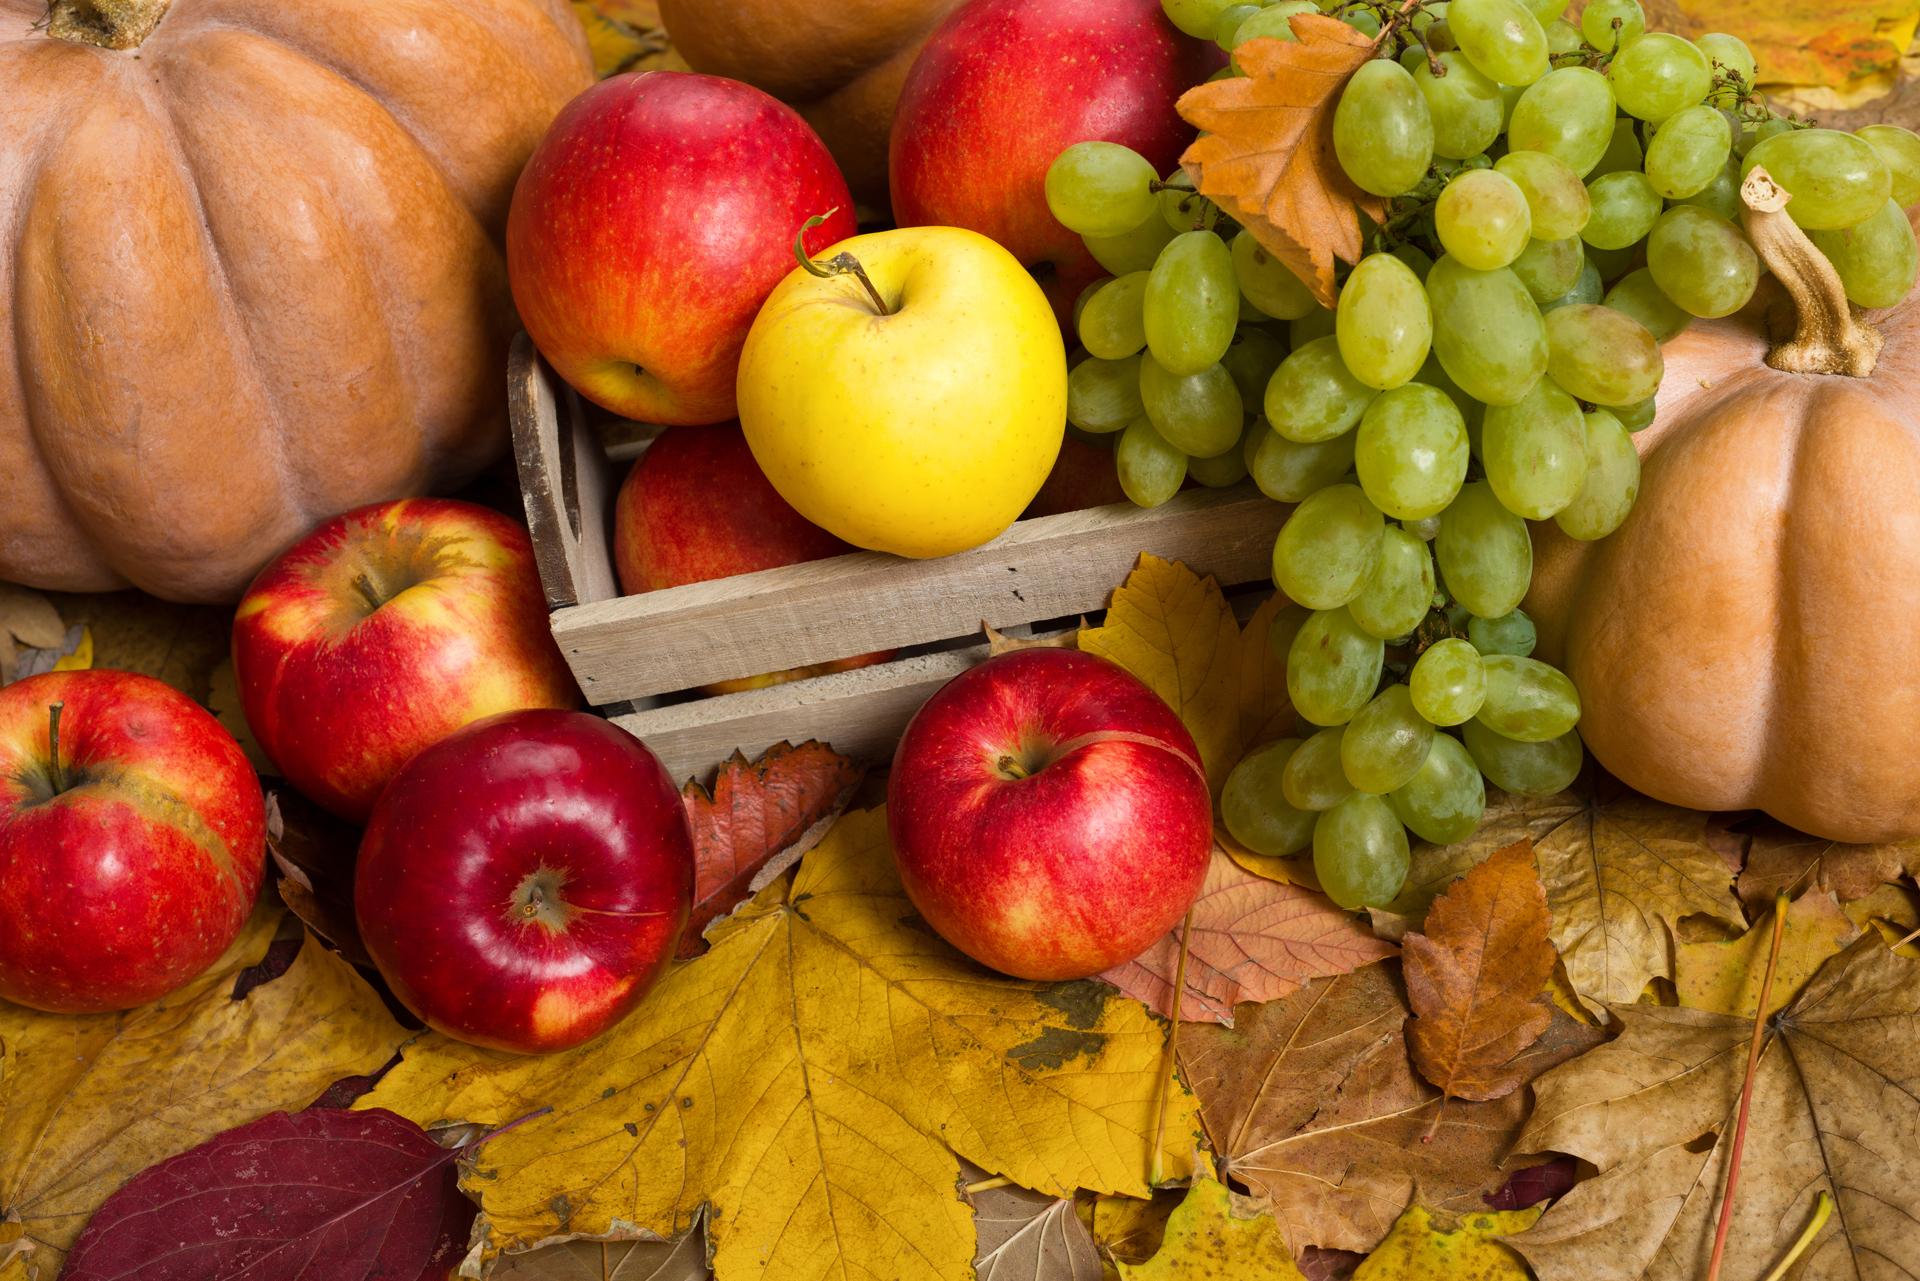 """Imagen correspondiente al post """"Frutas y verduras de temporada: octubre"""" de Frutas Olivar"""